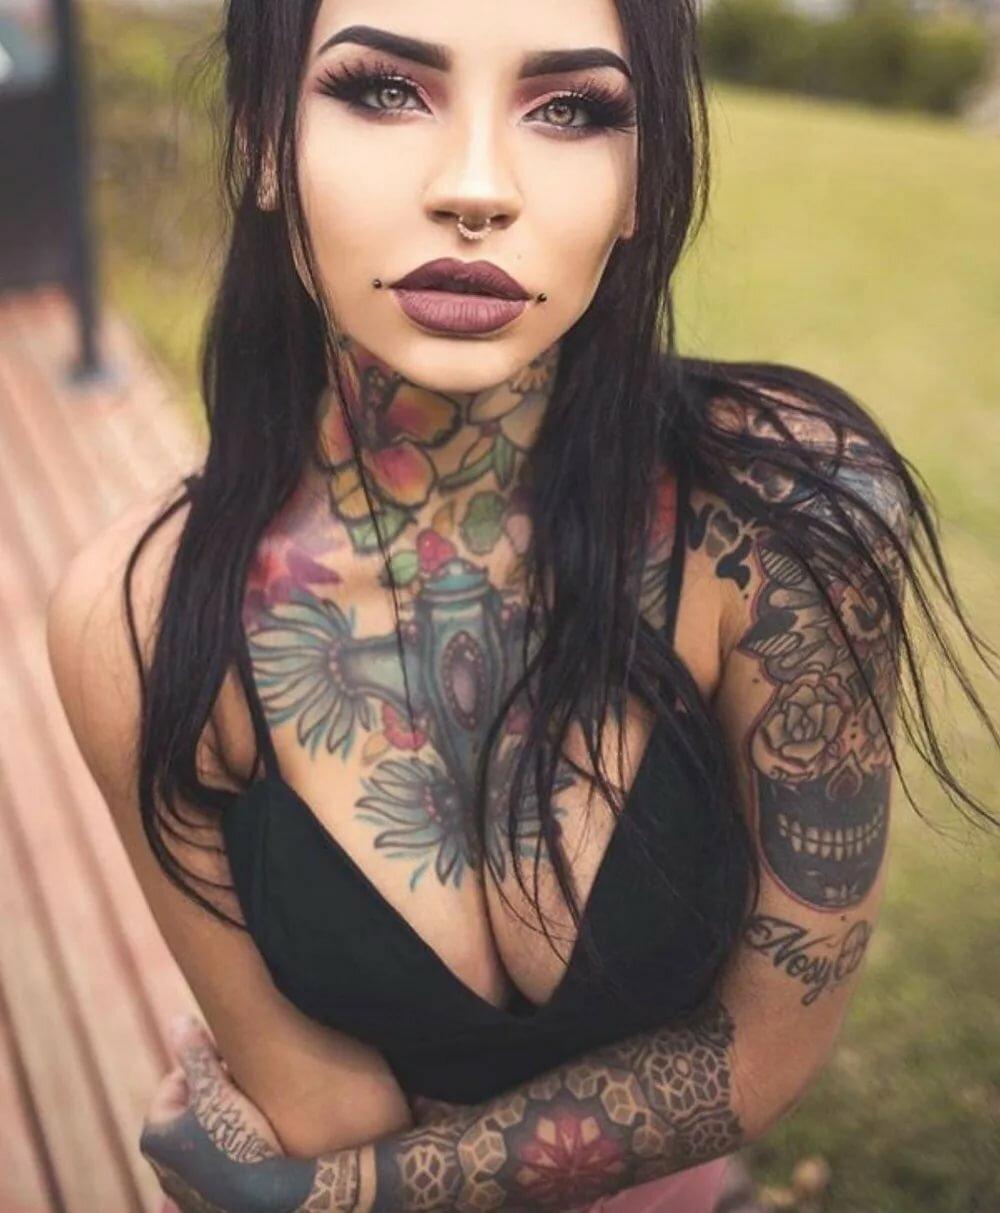 Девушка вся в татуировках картинки